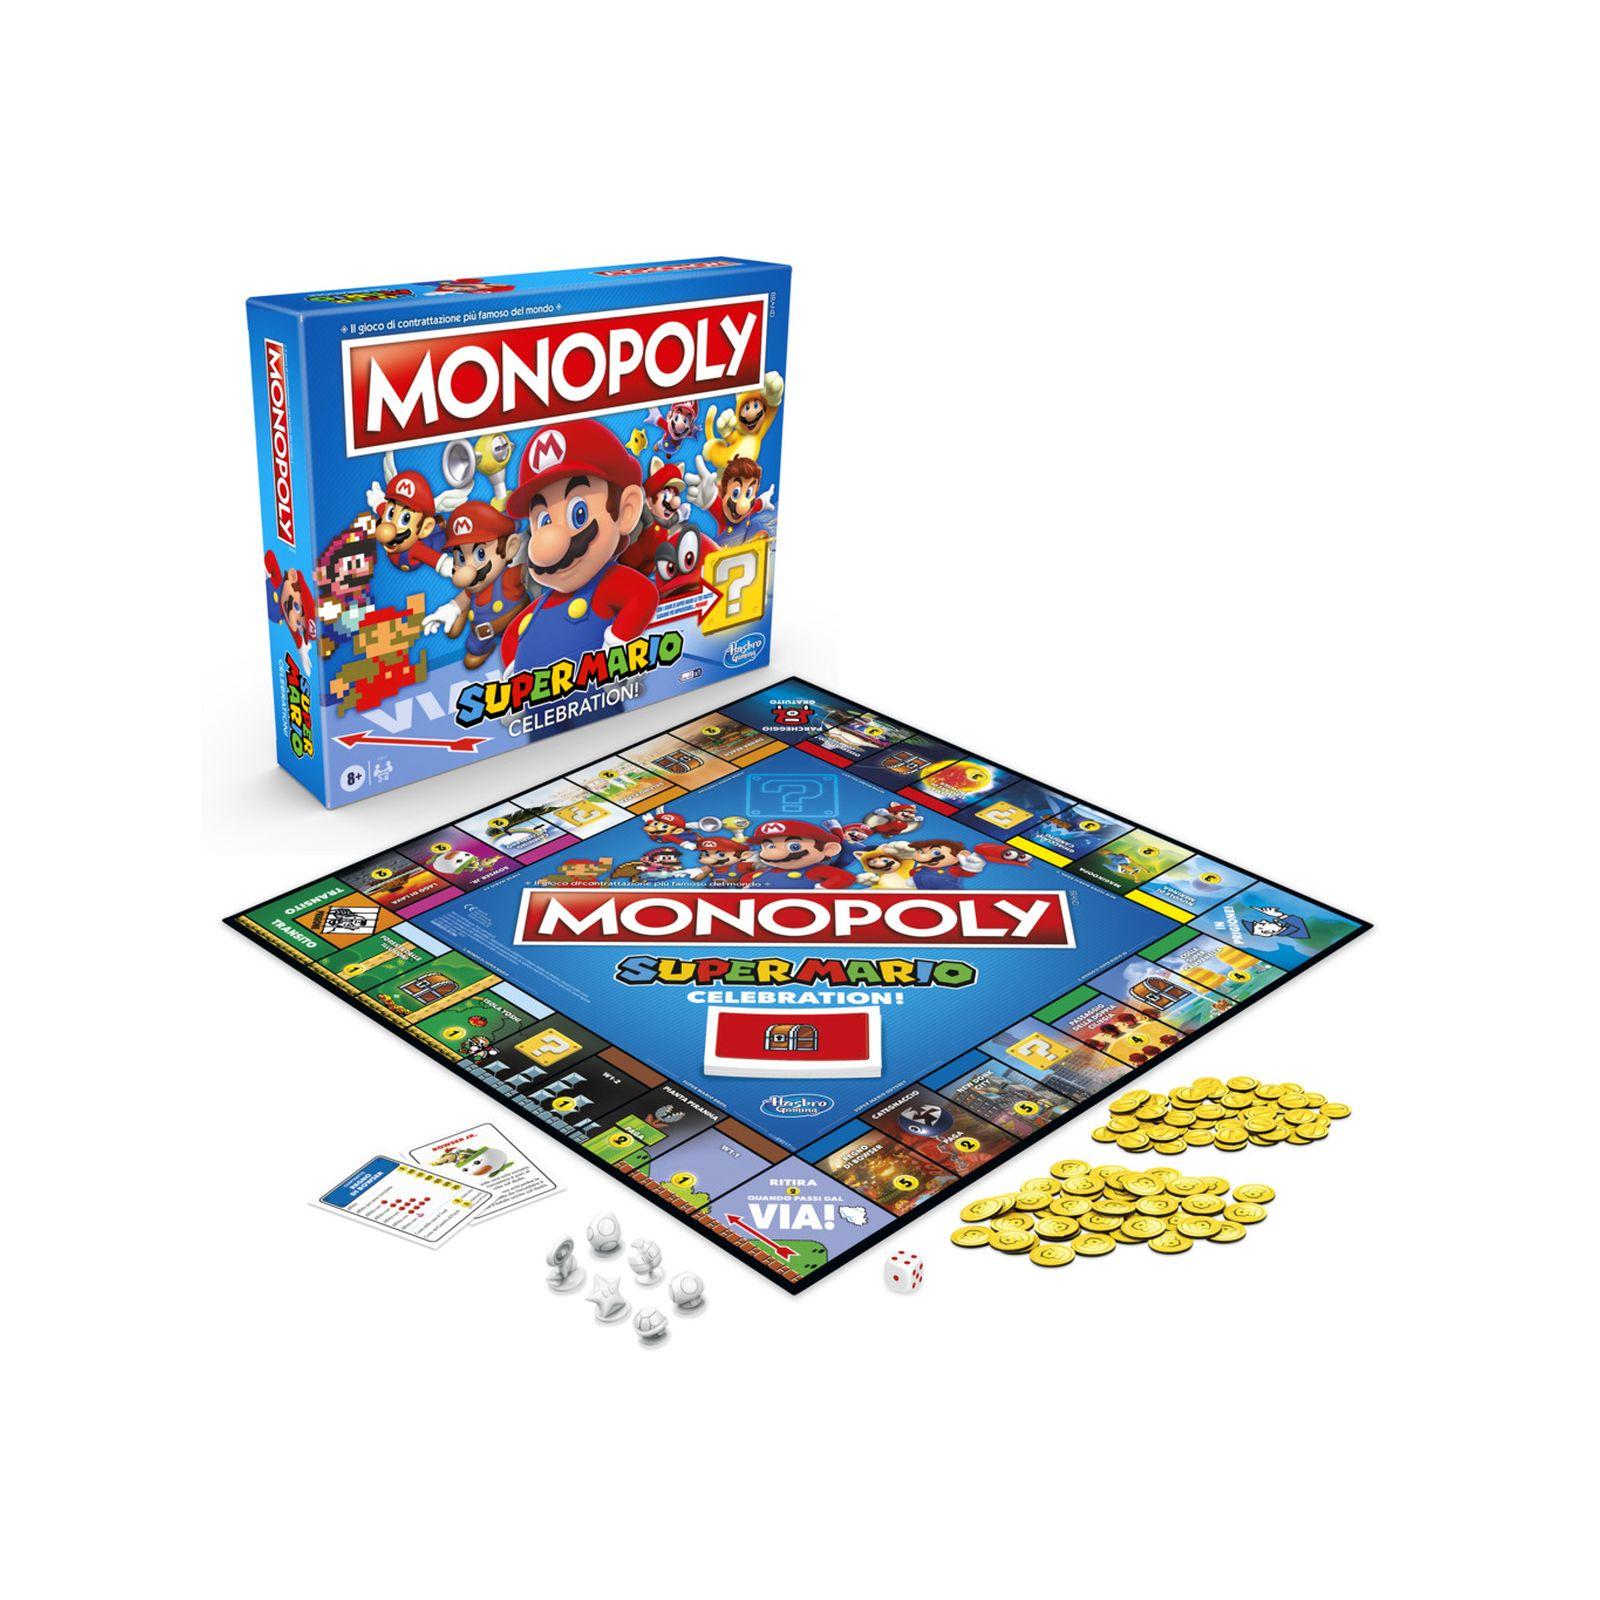 Monopoly gioco in scatola, edizione super mario celebration, per i fan di super mario, dagli 8 anni in su, con effetti sonori del videogioco - Super Mario